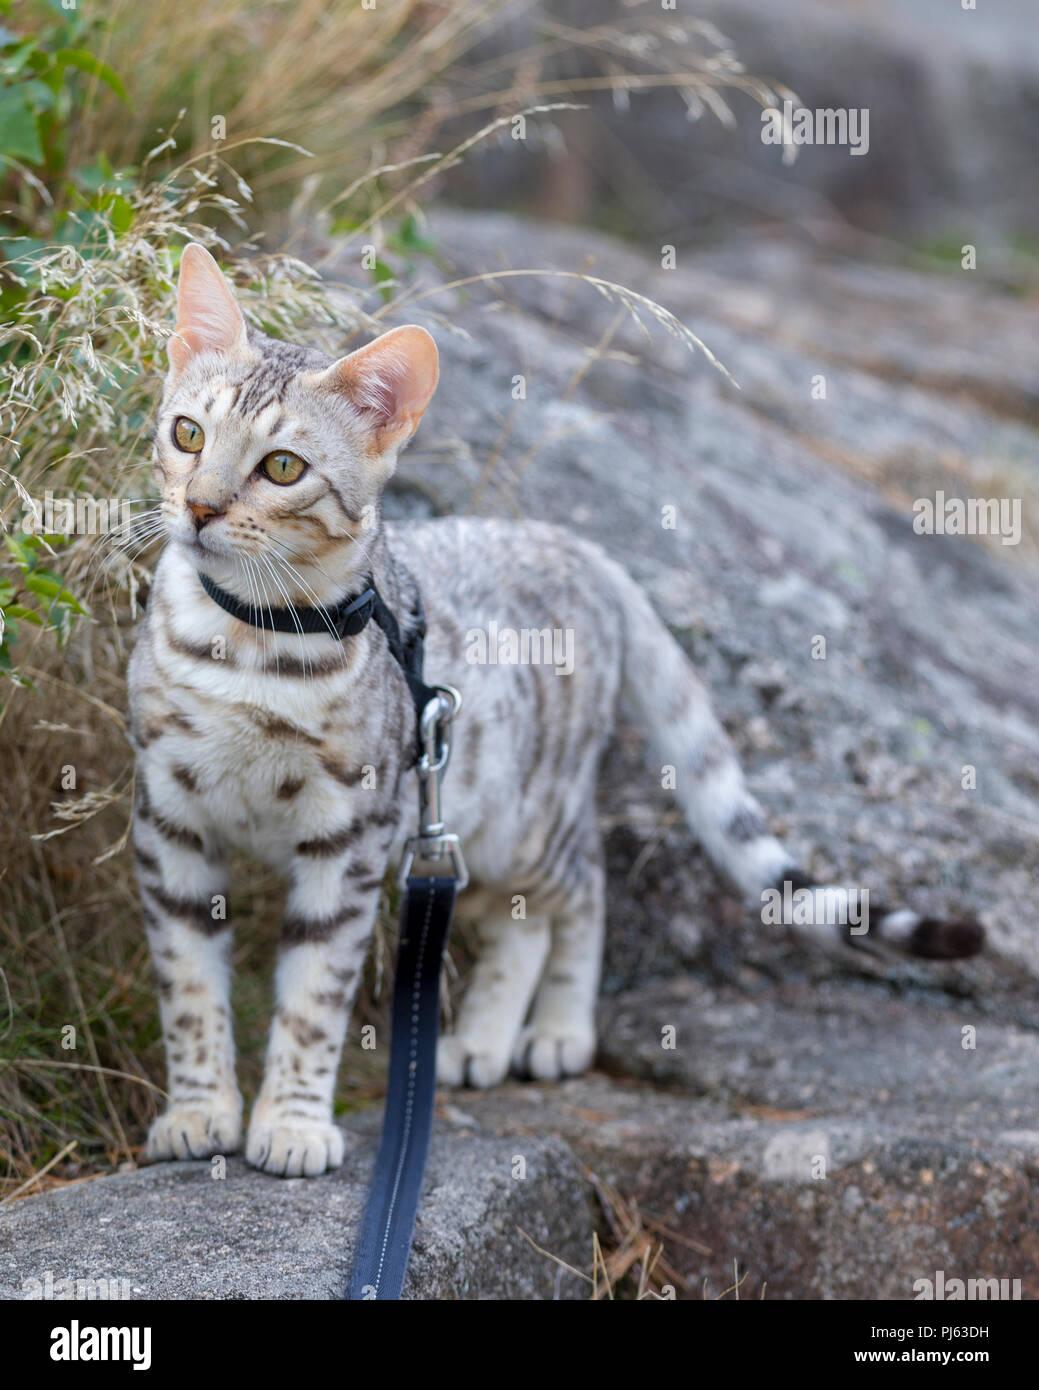 Hermoso macho plata gatito de Bengala retrato al aire libre alrededor de los 6 meses de edad. Imagen De Stock